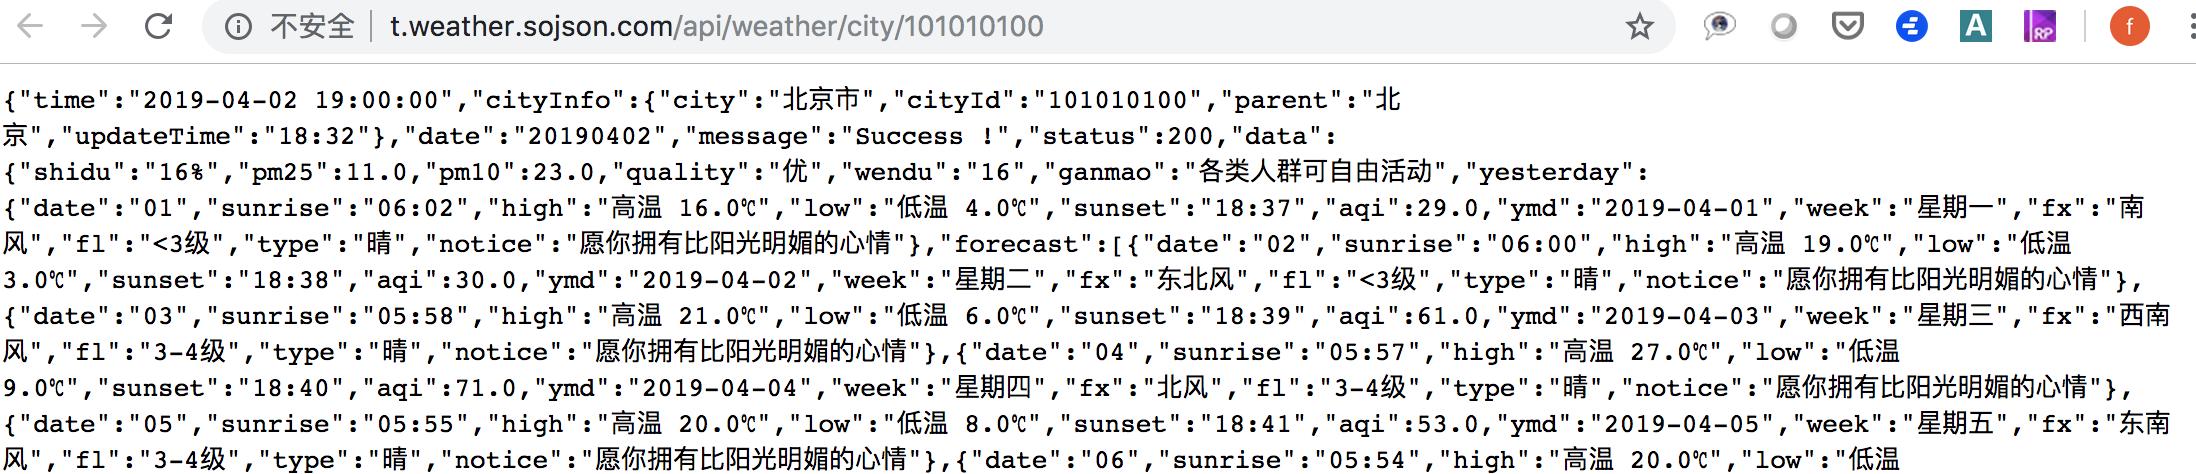 台式电脑xp系统,Axure高阶教程:利用JavaScript制作实时天气显示APP